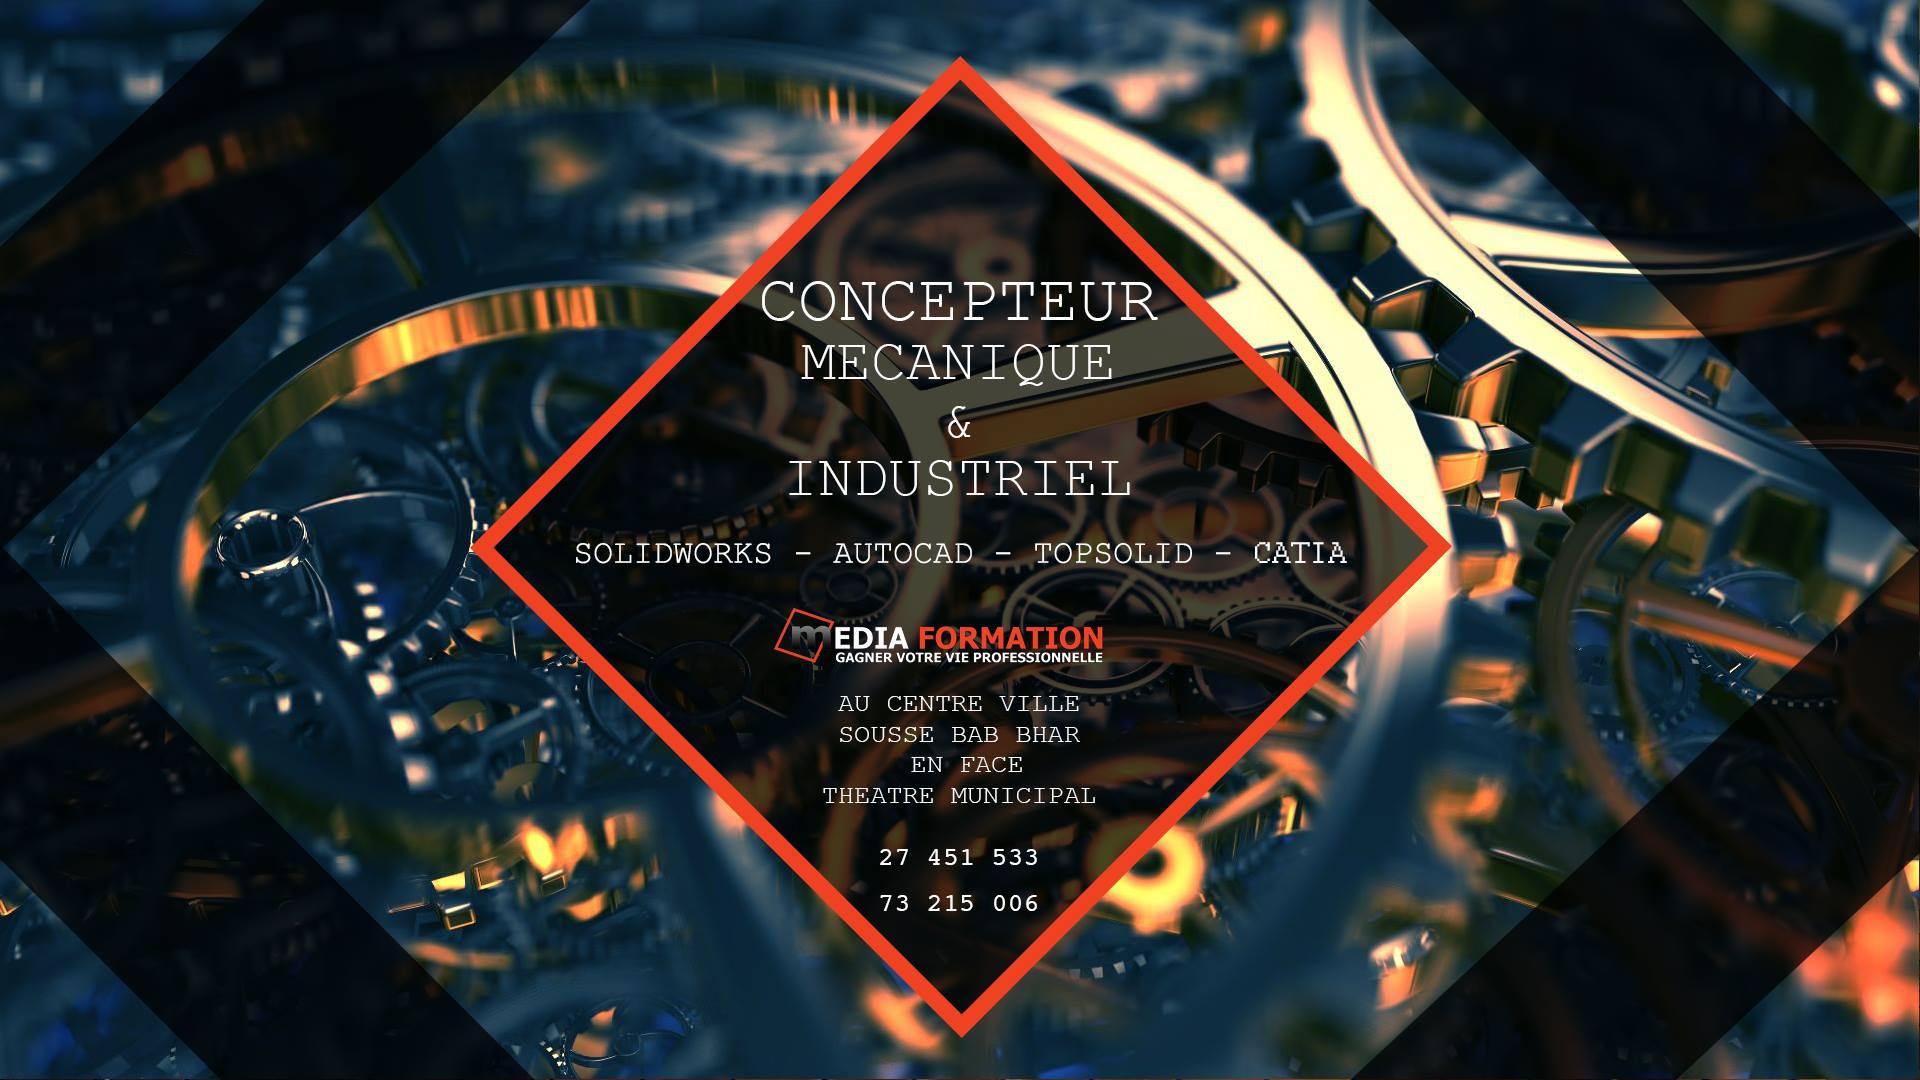 Formation Concepteur Mécanique et Industriel